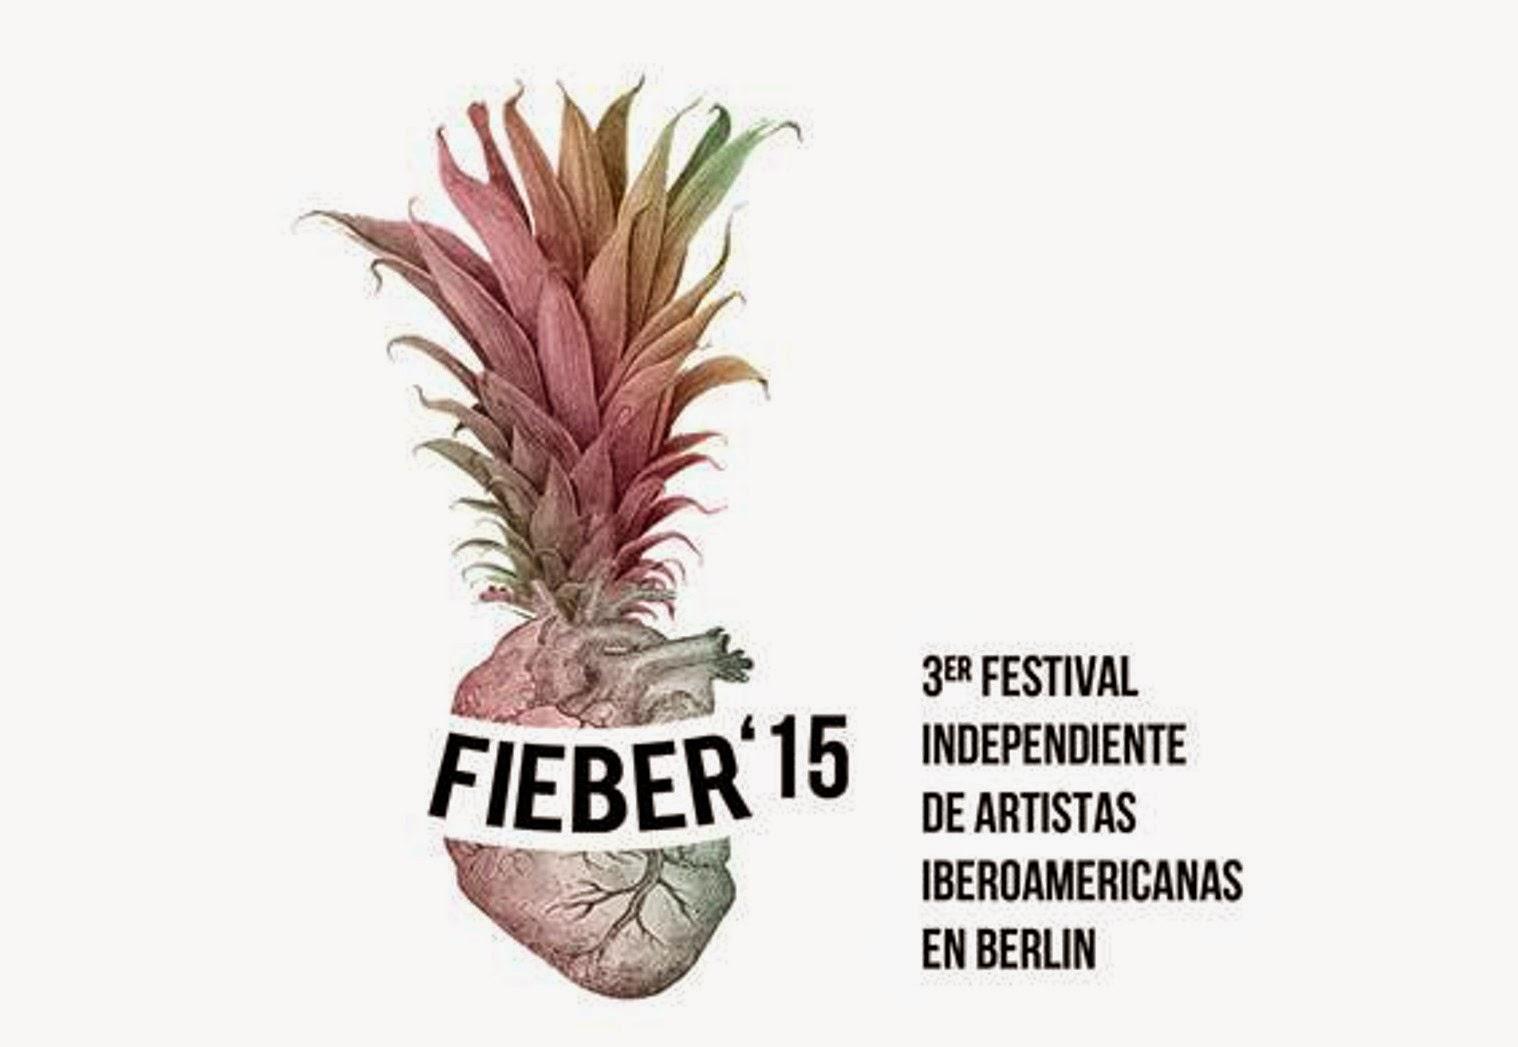 Fieber Festival 28, 29, 30 y 31 Mayo